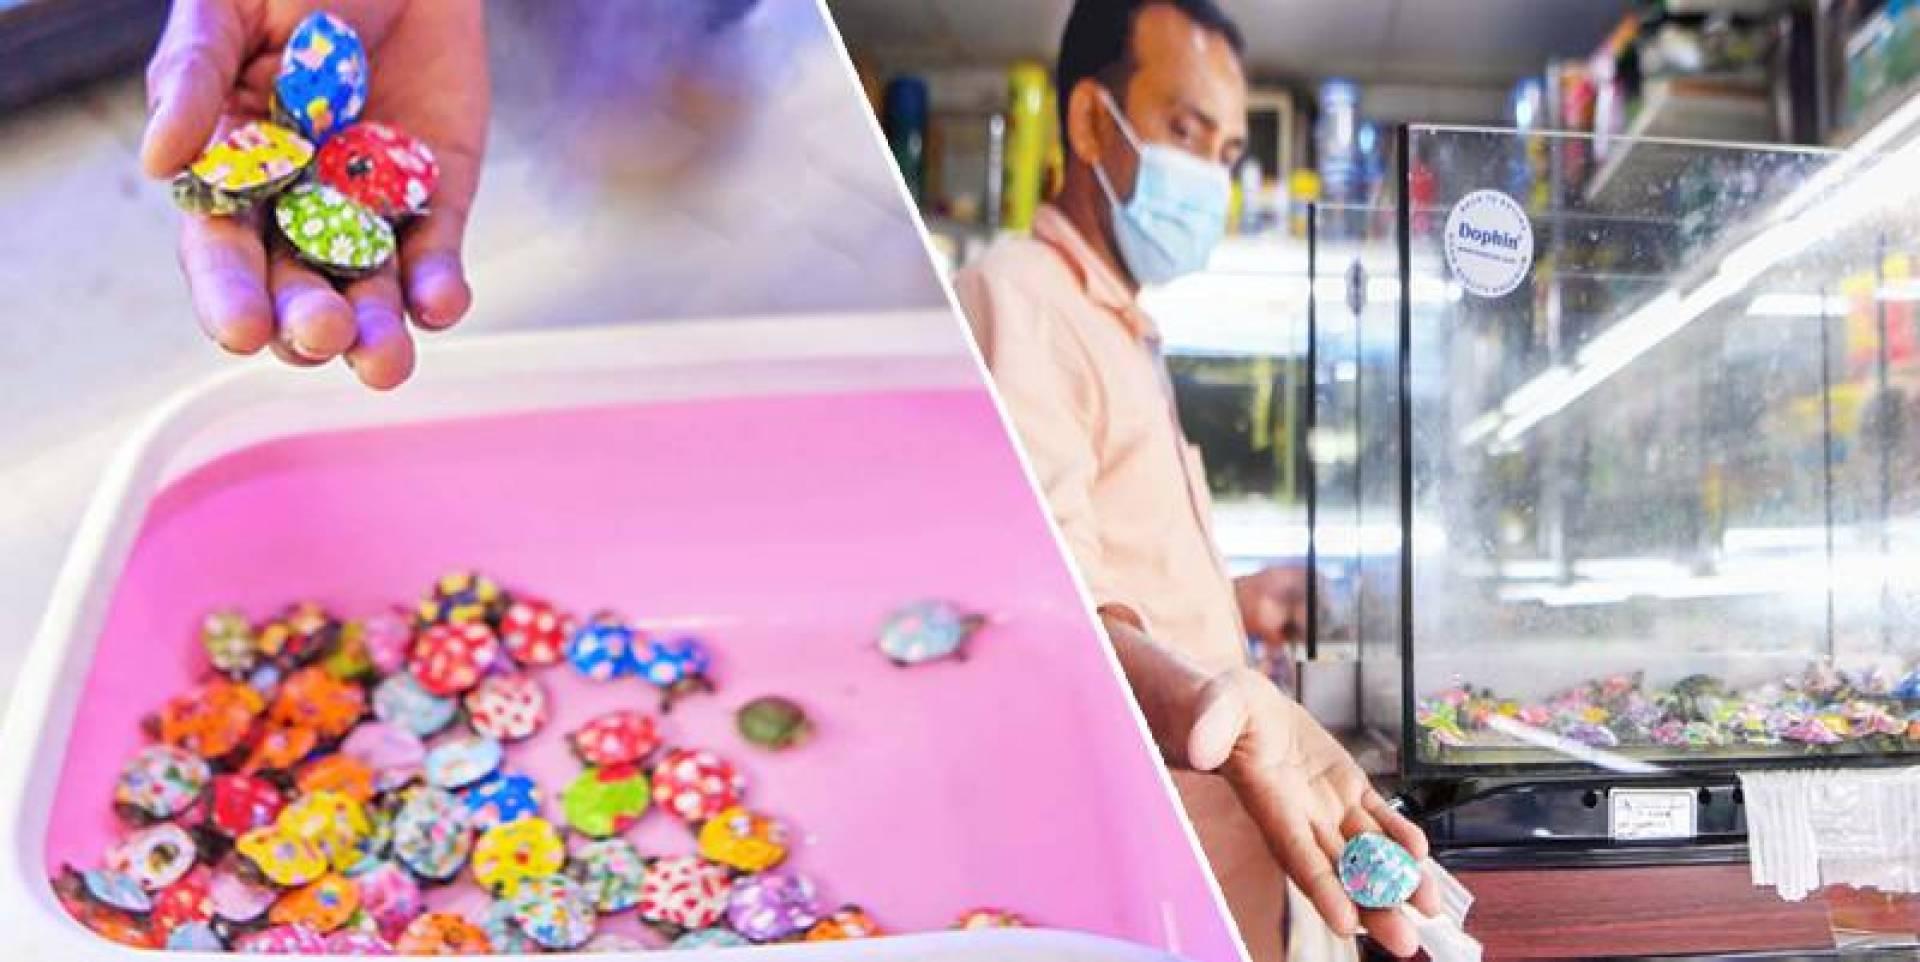 بائع مستعرضاً سلحفاة ملونة - ألوان زاهية.. ولكن في بيئة غير مناسبة! (تصوير: محمود الفوريكي)